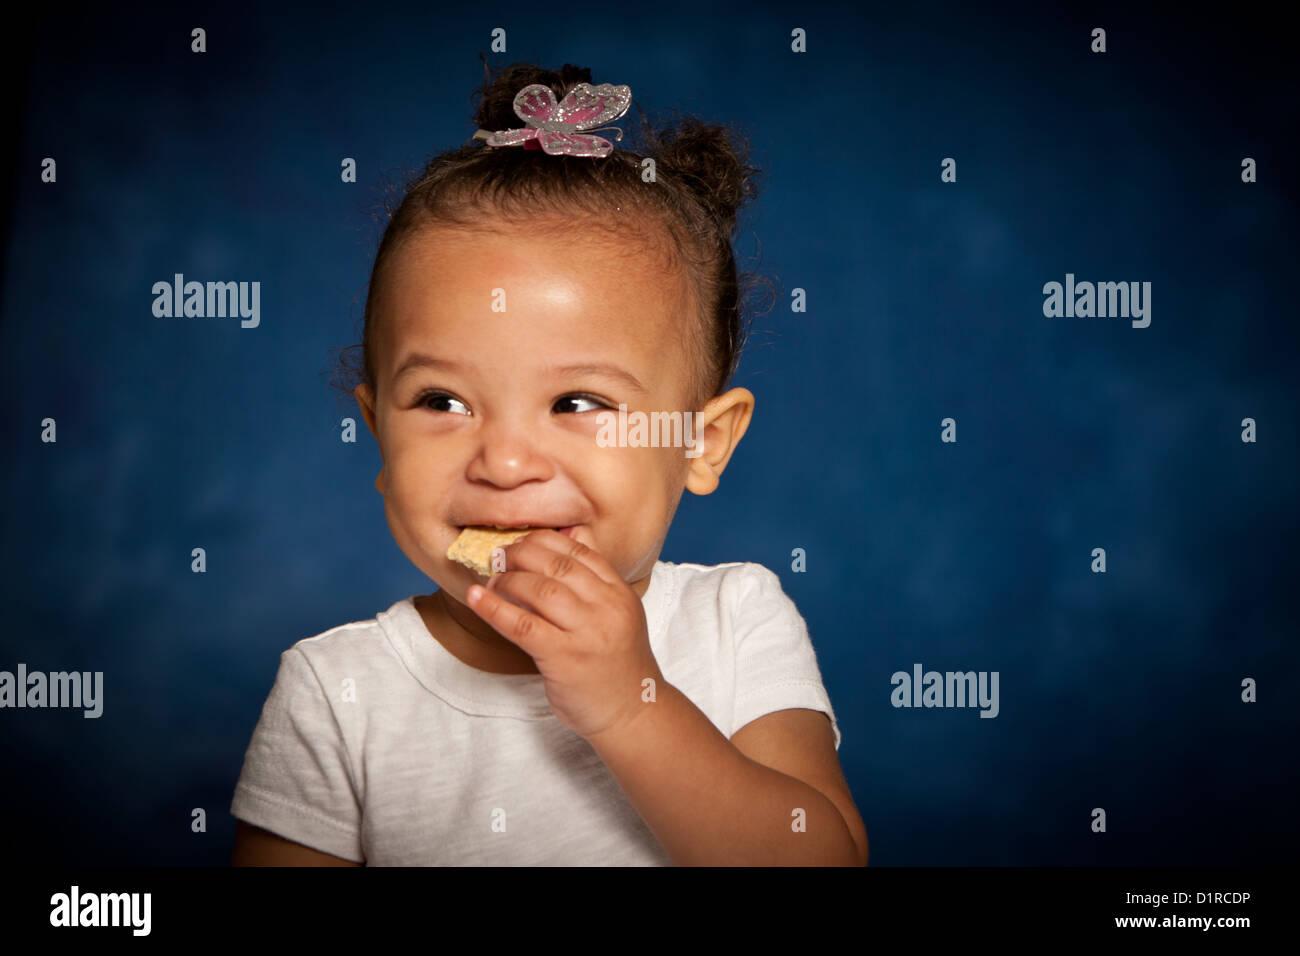 Carino studio ritratto di una razza mista toddler girl mangiando un biscotto con una cheeky sorriso sul suo viso Immagini Stock